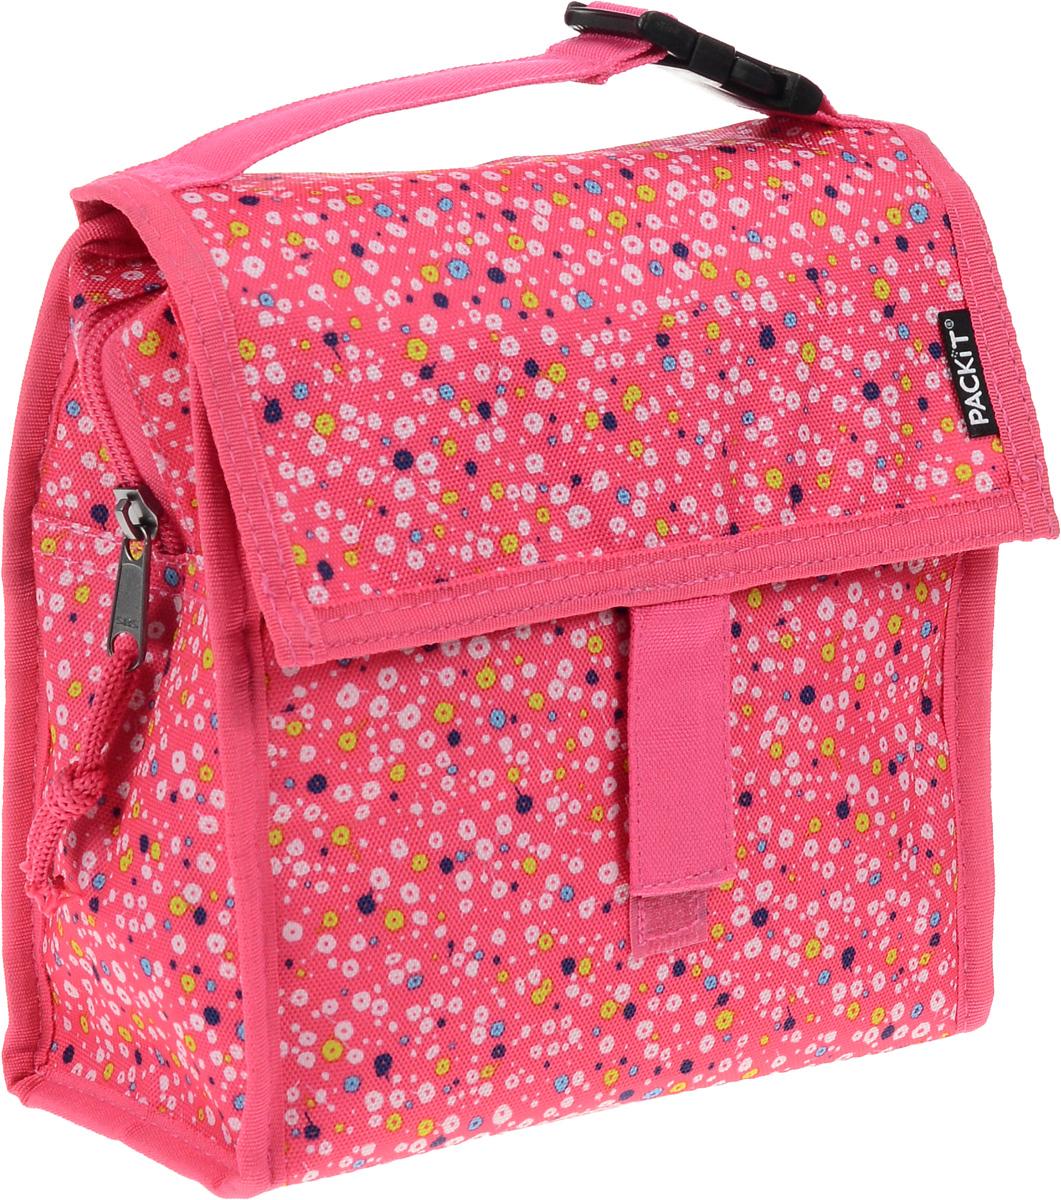 """Сумка-холодильник Packit """"Lunch Bag"""", складная, цвет: розовый, белый, синий, 2 л"""